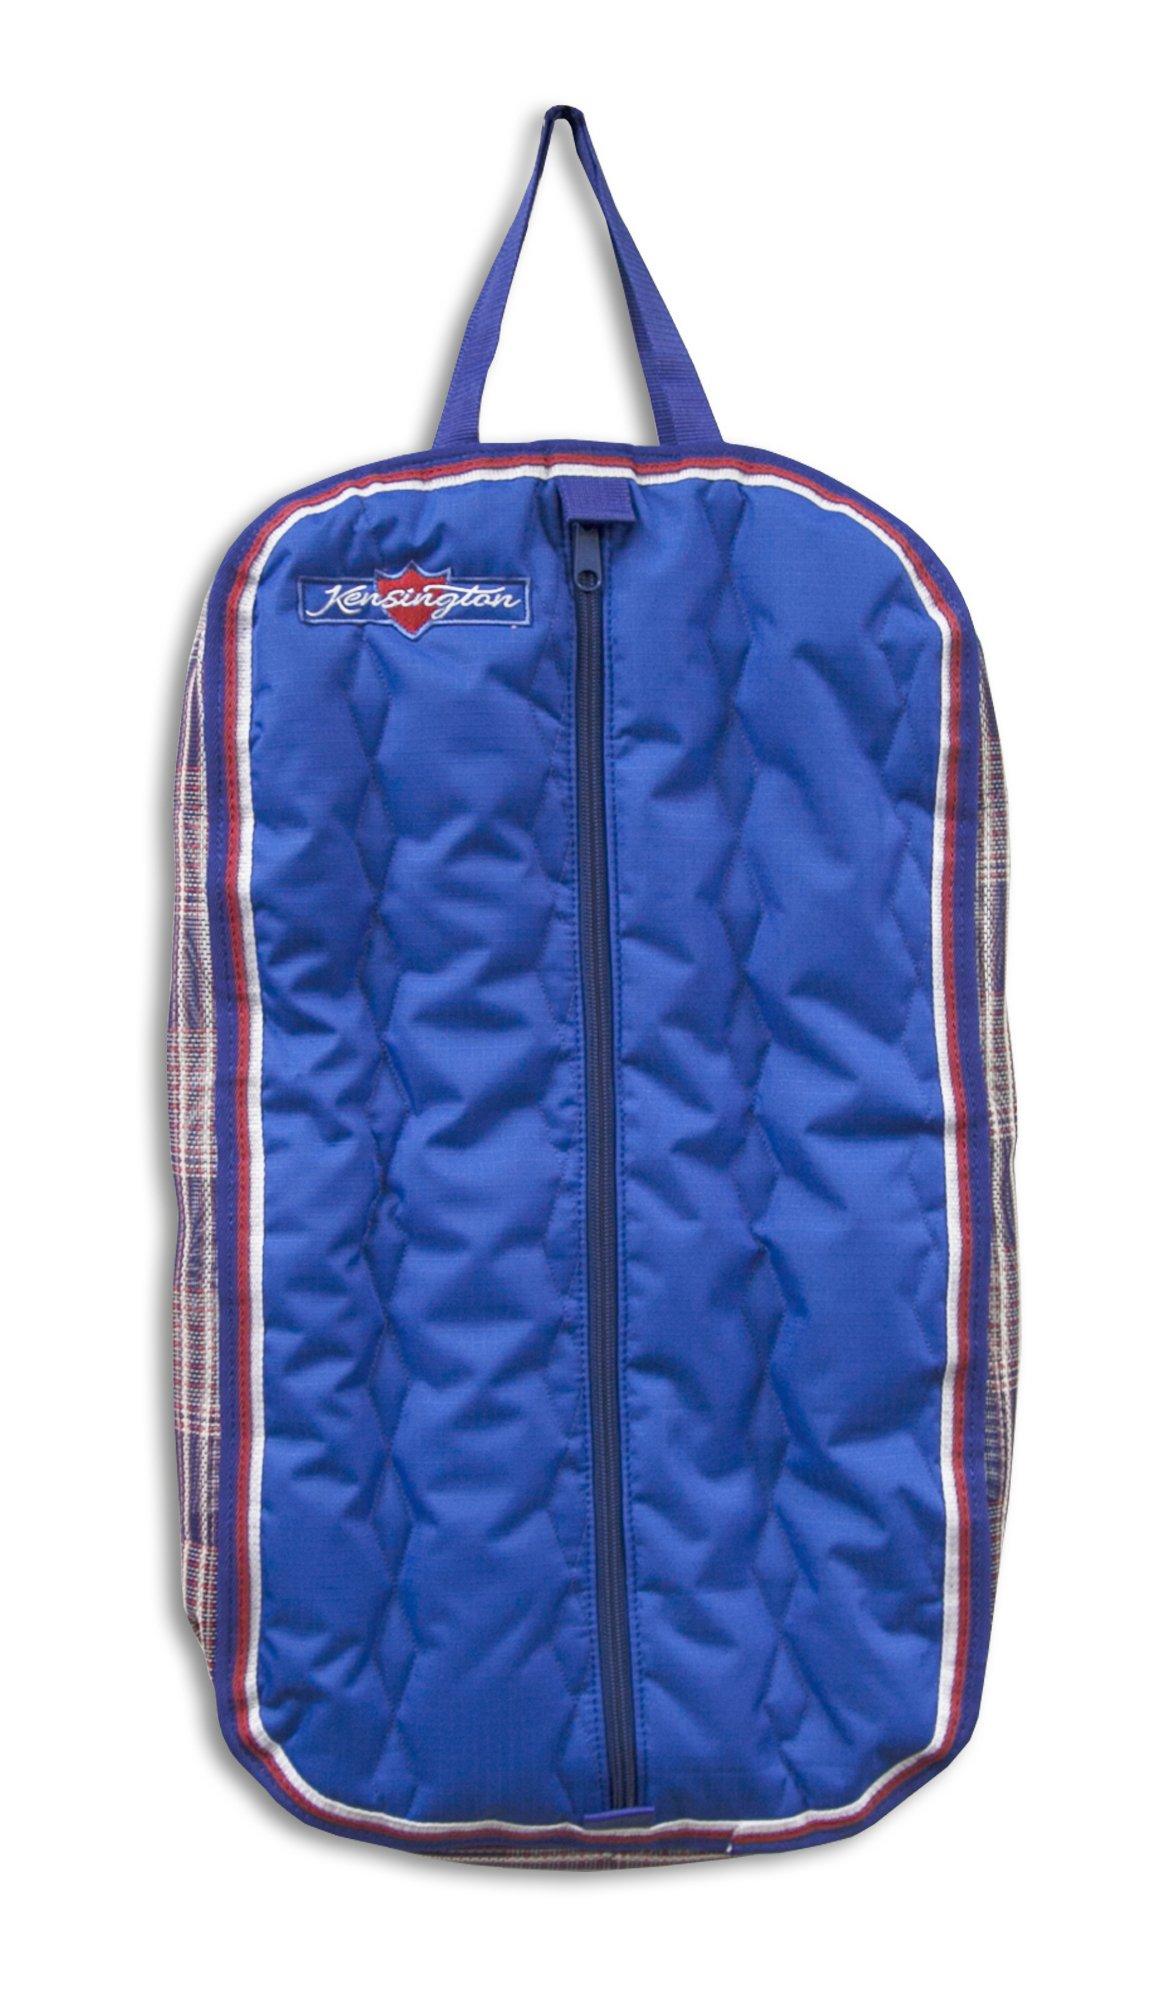 Kensington Signature Halter & Bridle Bag, Navy/Patriot Plaid, One Size